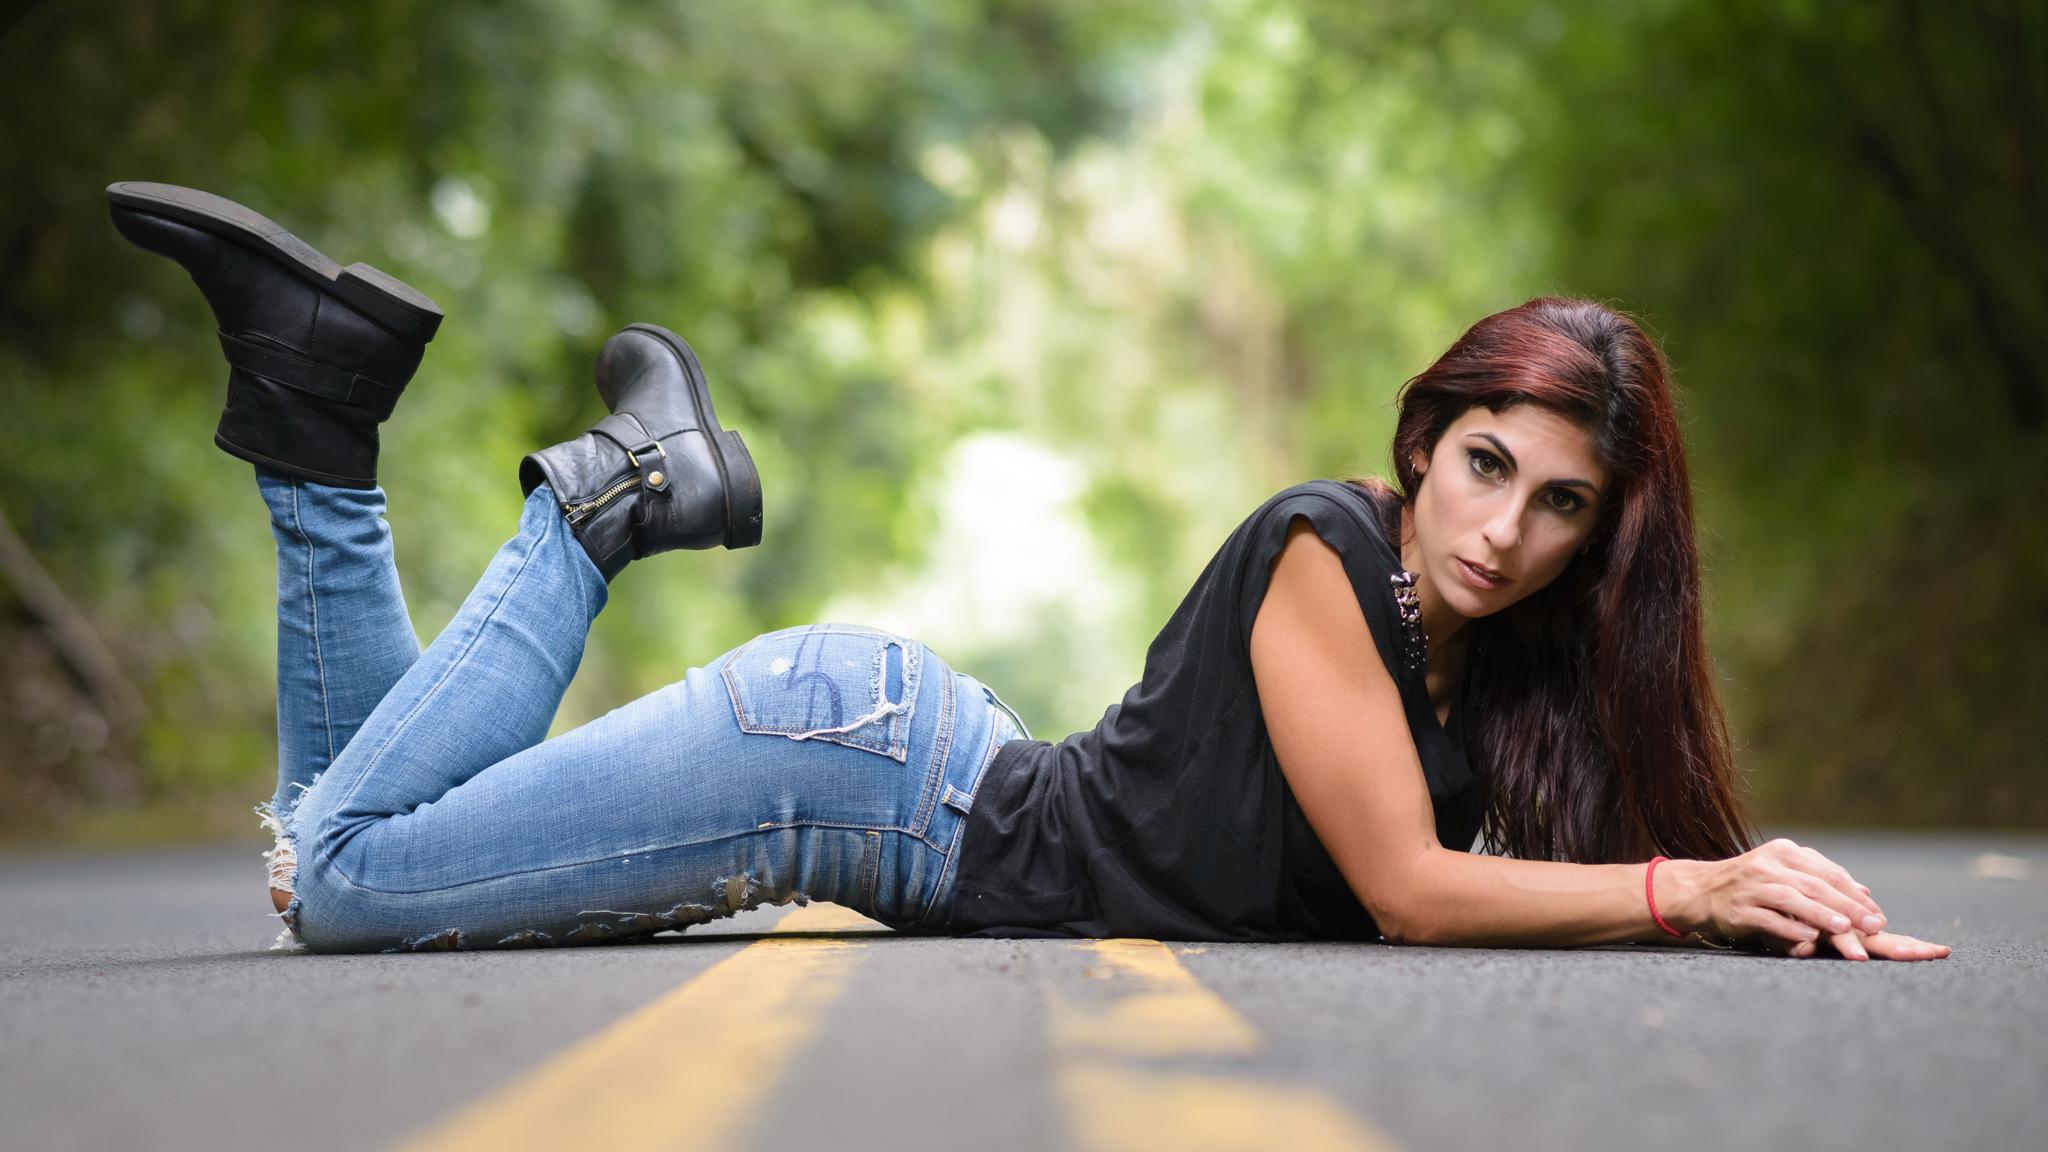 Картинка девушка в джинсах сидит